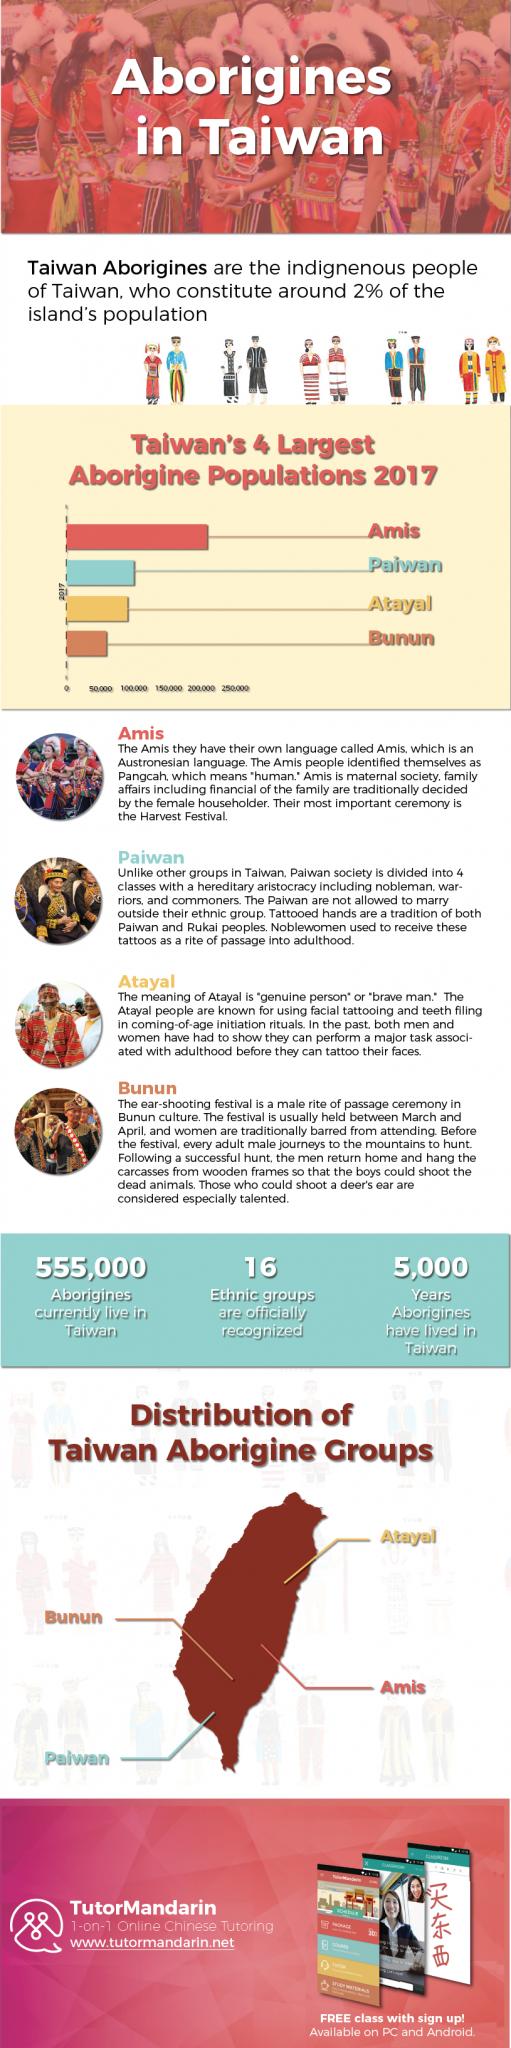 Taiwan Aborigine Infographic 2017